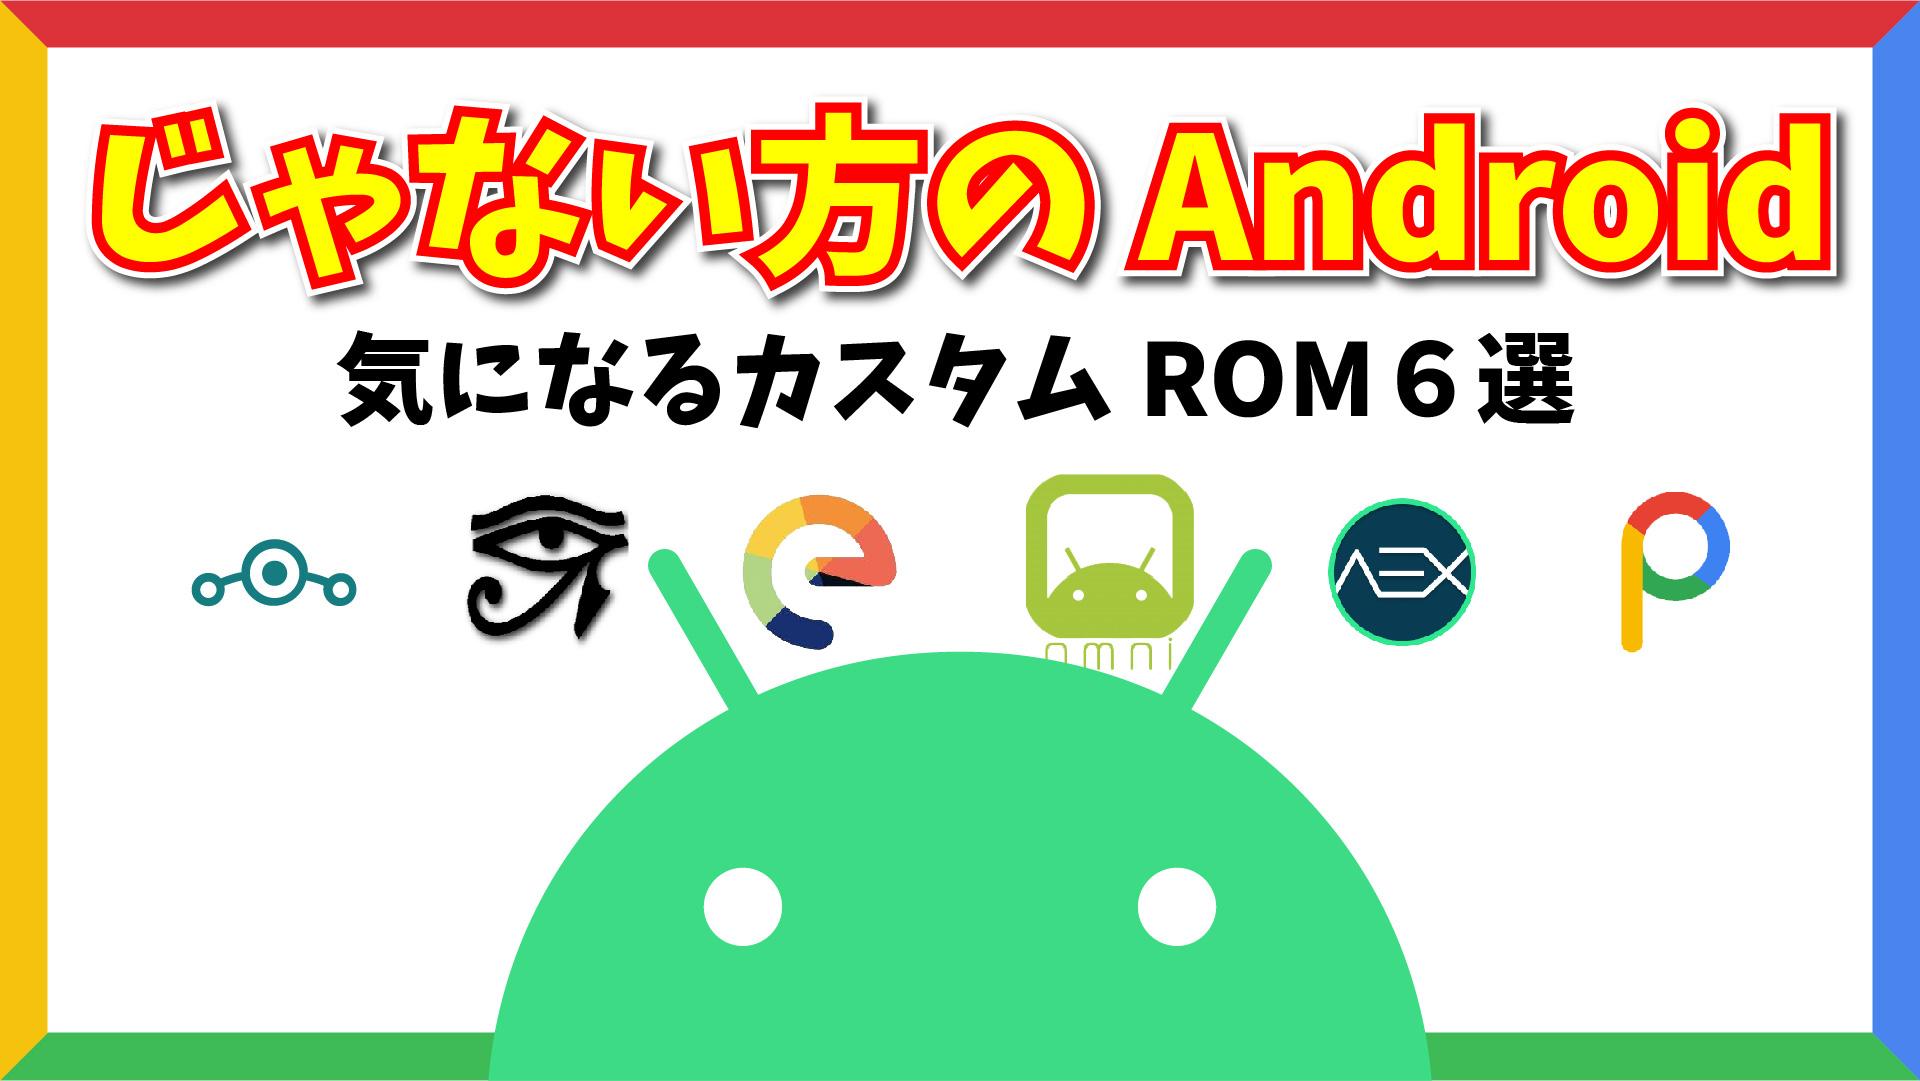 じゃない方の Android: 気になるおすすめカスタム ROM 6選。